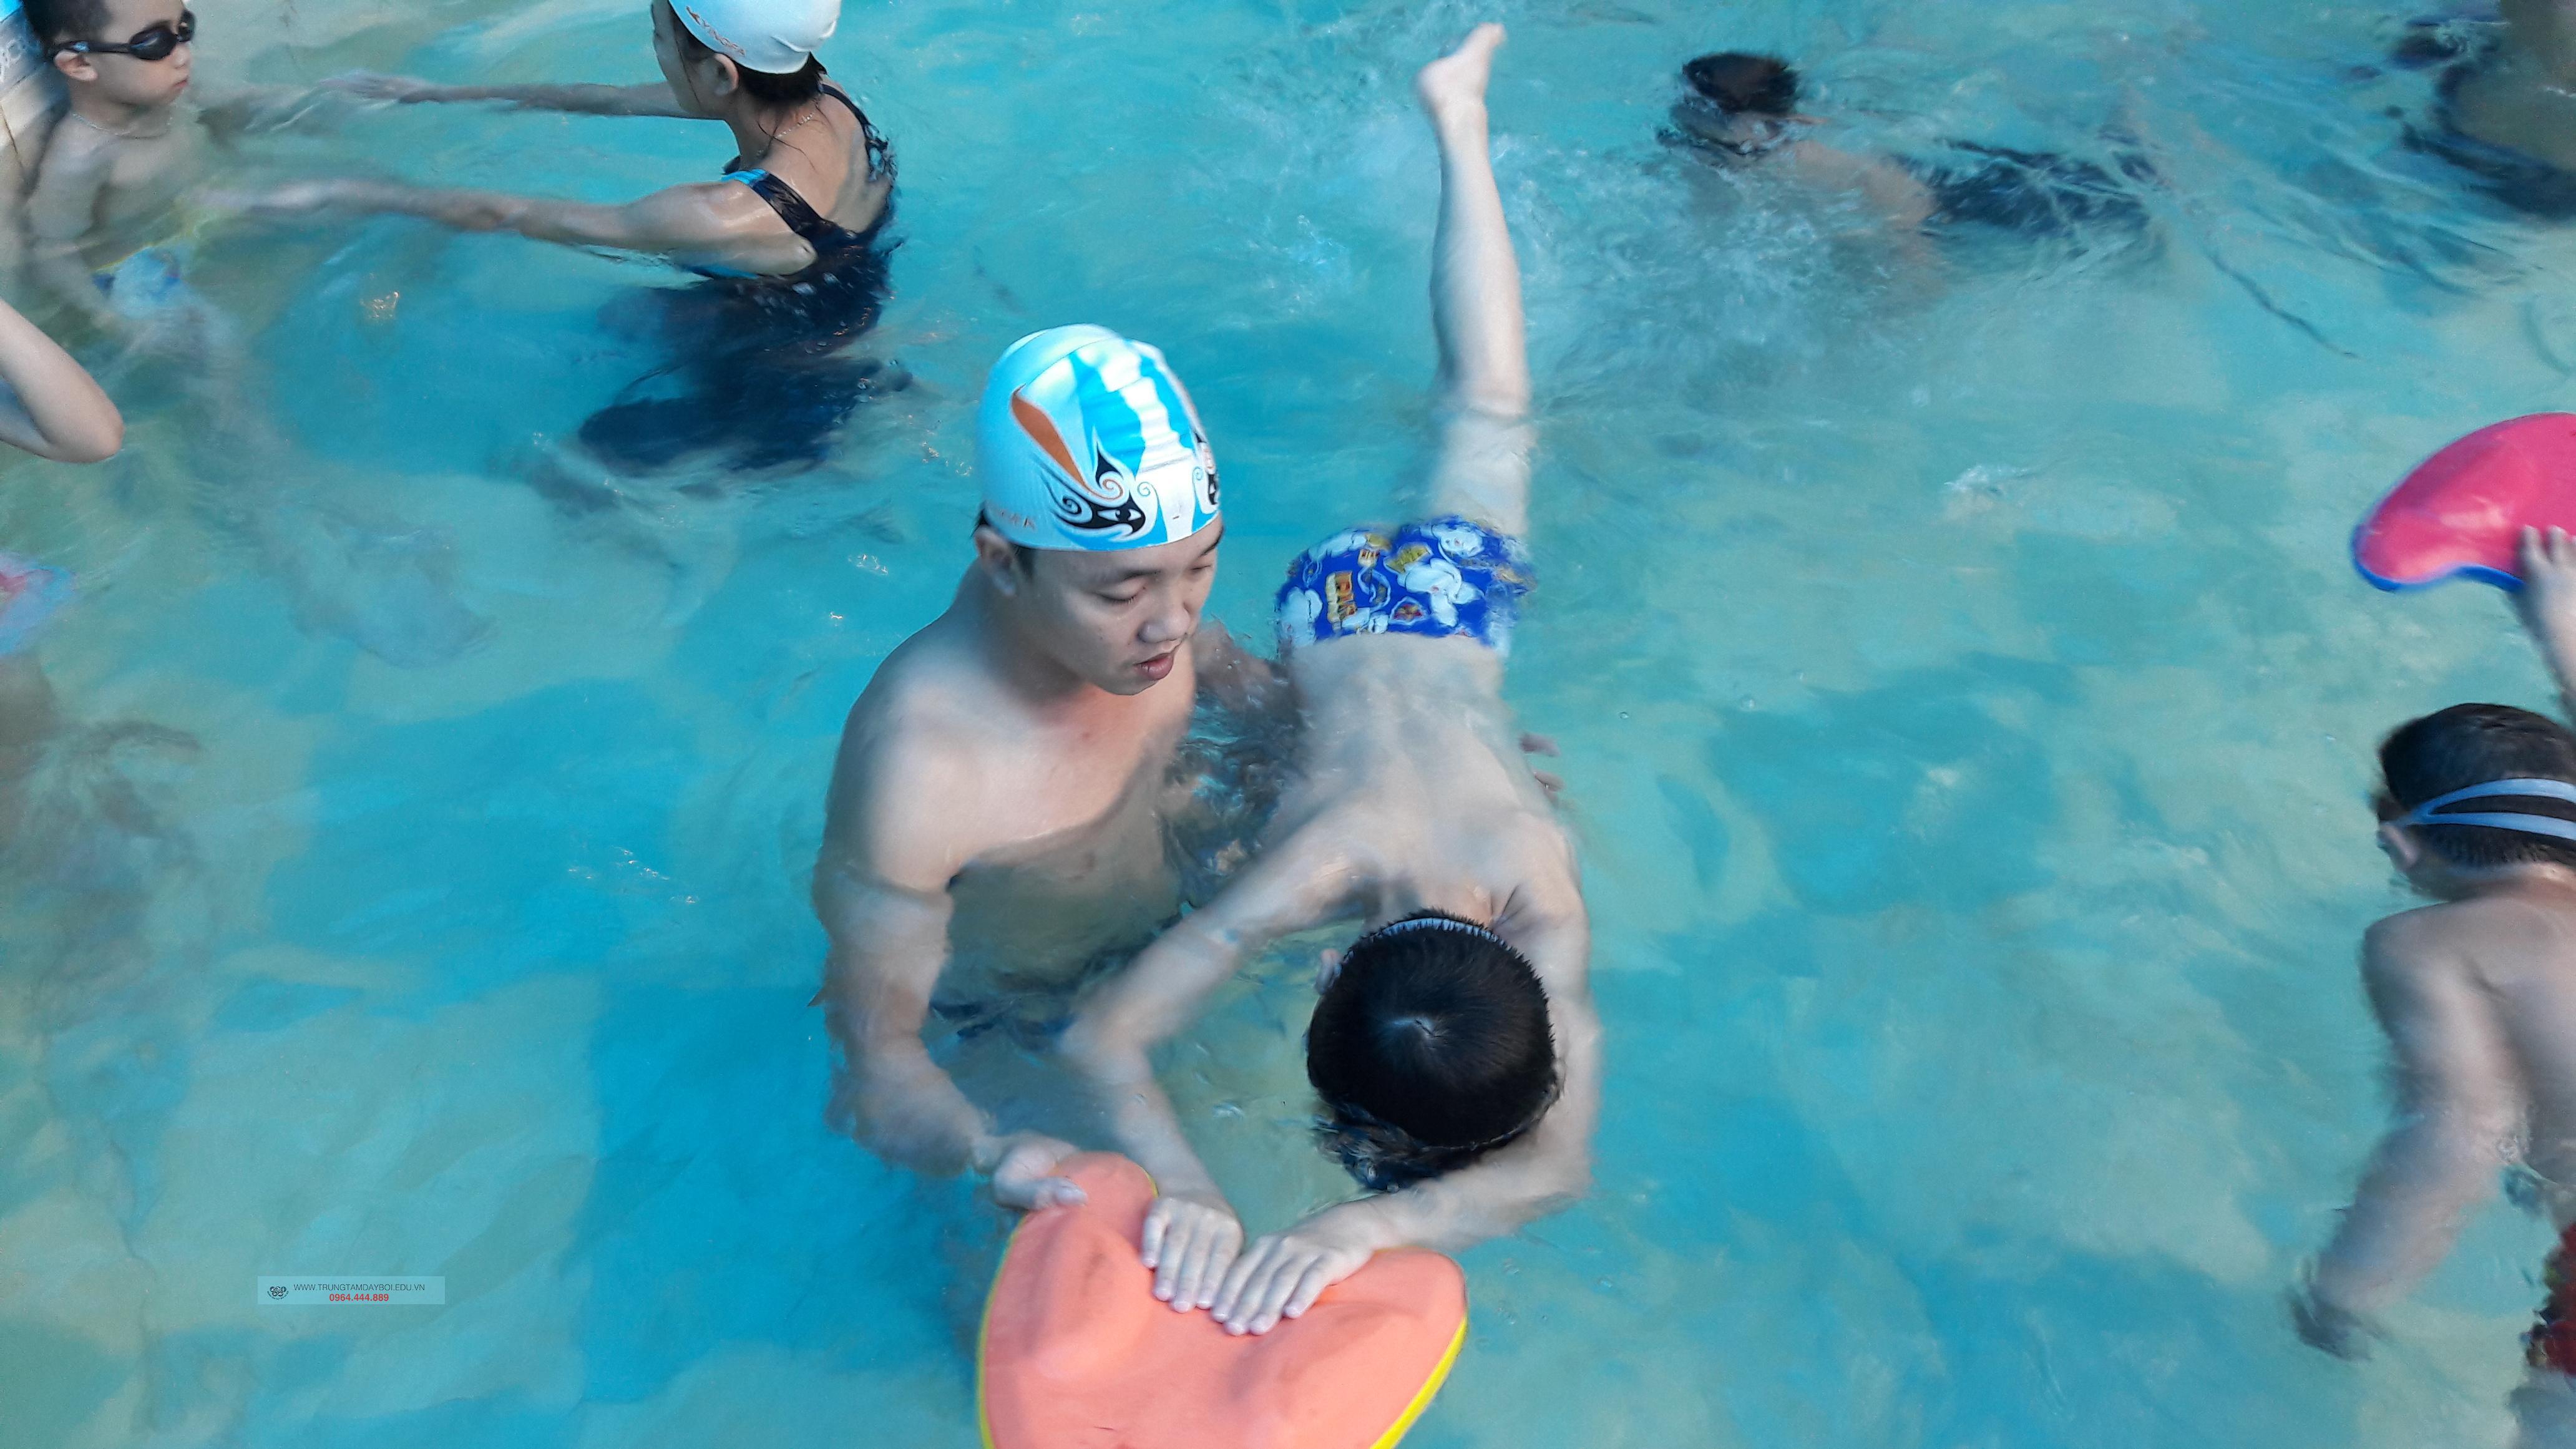 Hình ảnh lớp học bơi nâng cao 1  Hình ảnh lớp học bơi nâng cao 1  Hình ảnh lớp học bơi nâng cao 1  Hình ảnh lớp học bơi nâng cao 1  Hình ảnh lớp học bơi nâng cao 1  Hình ảnh lớp học bơi nâng cao 1  Hình ảnh lớp học bơi nâng cao 1  Hình ảnh lớp học bơi nâng cao 1  Hình ảnh lớp học bơi nâng cao 1  Hình ảnh lớp học bơi nâng cao 1  Hình ảnh lớp học bơi nâng cao 1  Hình ảnh lớp học bơi nâng cao 1  Hình ảnh lớp học bơi nâng cao 1  Hình ảnh lớp học bơi nâng cao 1  Hình ảnh lớp học bơi nâng cao 1  Hình ảnh lớp học bơi nâng cao 1  Hình ảnh lớp học bơi nâng cao 1  Hình ảnh lớp học bơi nâng cao 1  Hình ảnh lớp học bơi nâng cao 1  Hình ảnh lớp học bơi nâng cao 1  Hình ảnh lớp học bơi nâng cao 1  Hình ảnh lớp học bơi nâng cao 1  Hình ảnh lớp học bơi nâng cao 1  Hình ảnh lớp học bơi nâng cao 1  Hình ảnh lớp học bơi nâng cao 1